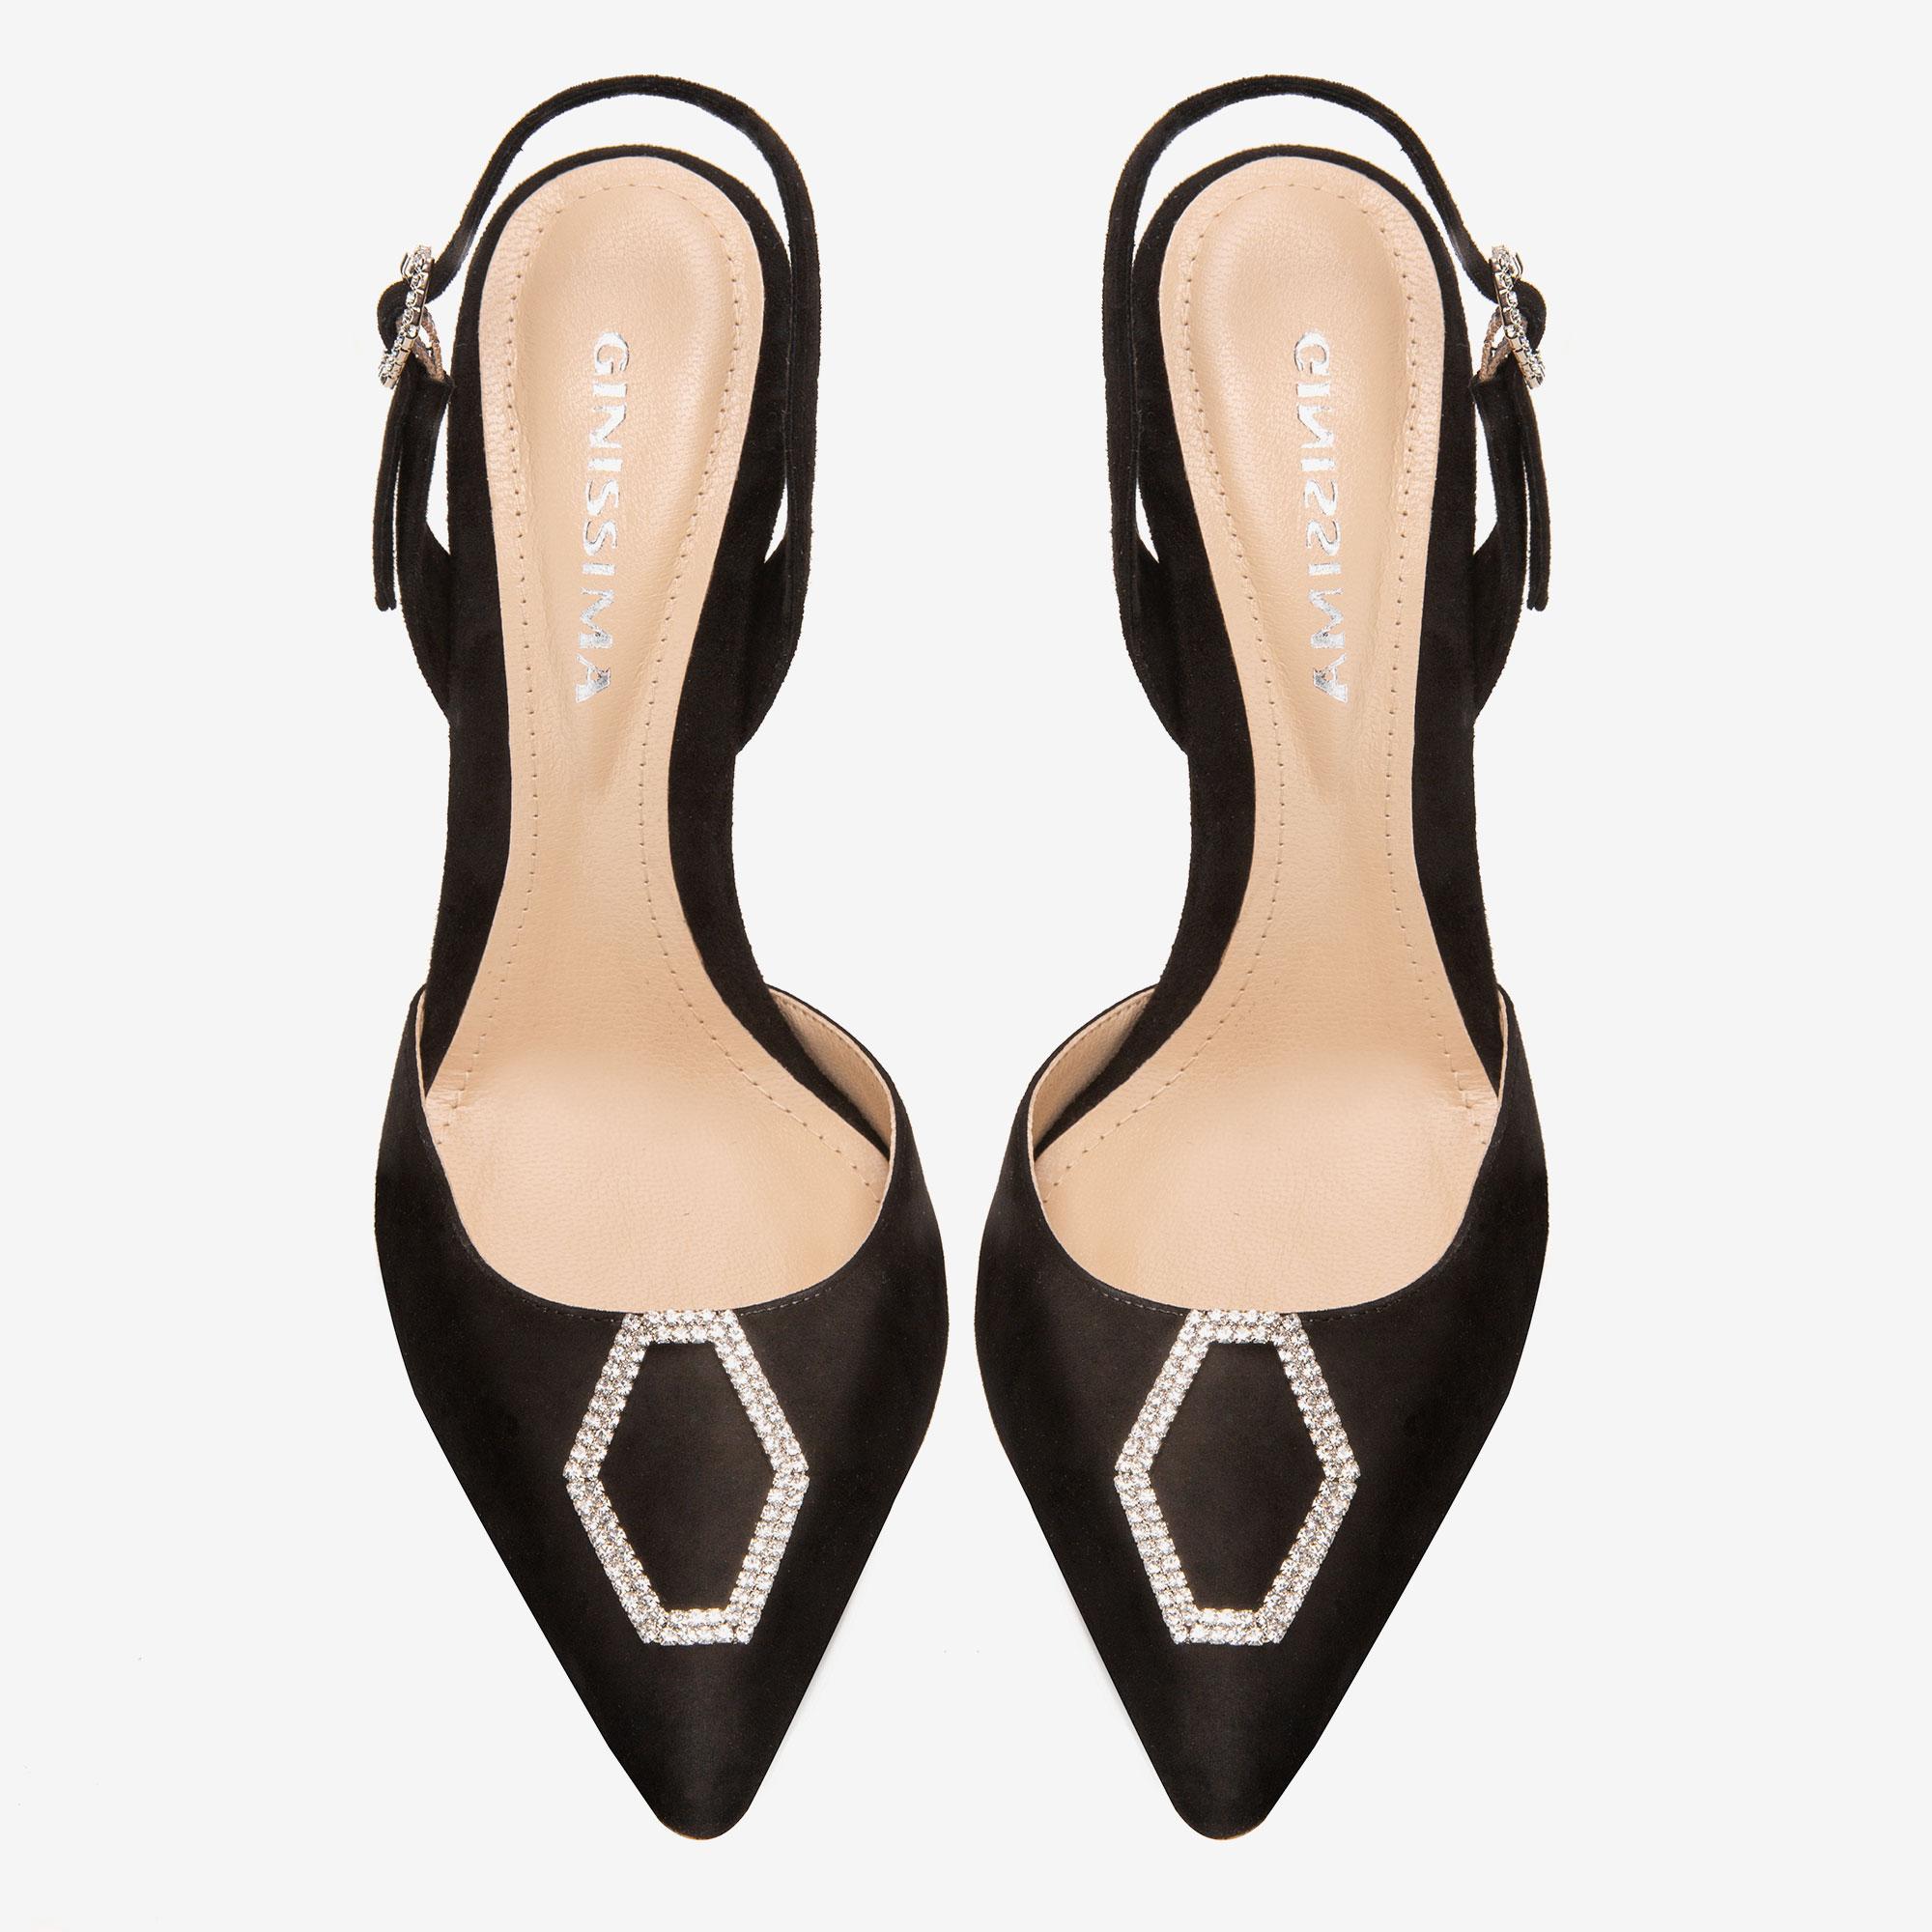 Pantofi din piele intoarsa cu accesoriu Cristal Infinity Ginissima imagine 3